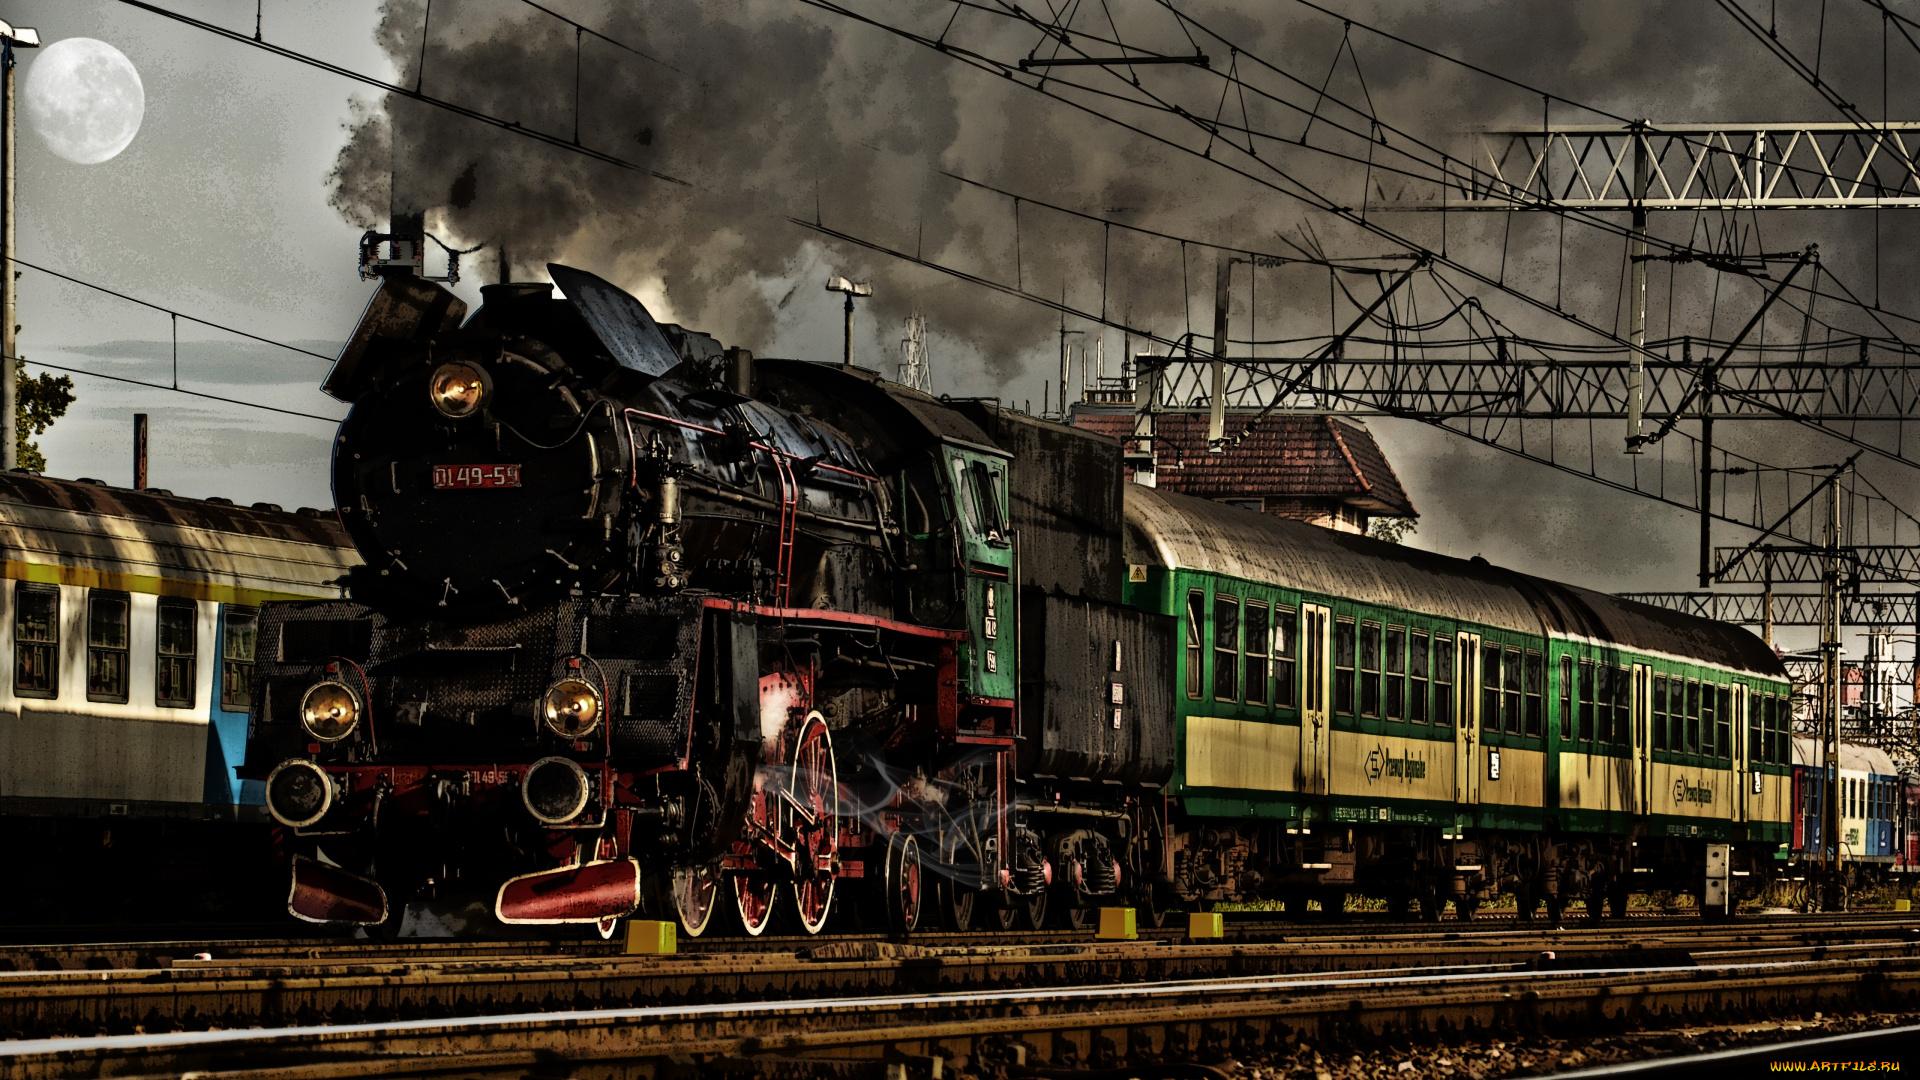 ткани оригинальное фото паровозов с вагонами на станции позволит